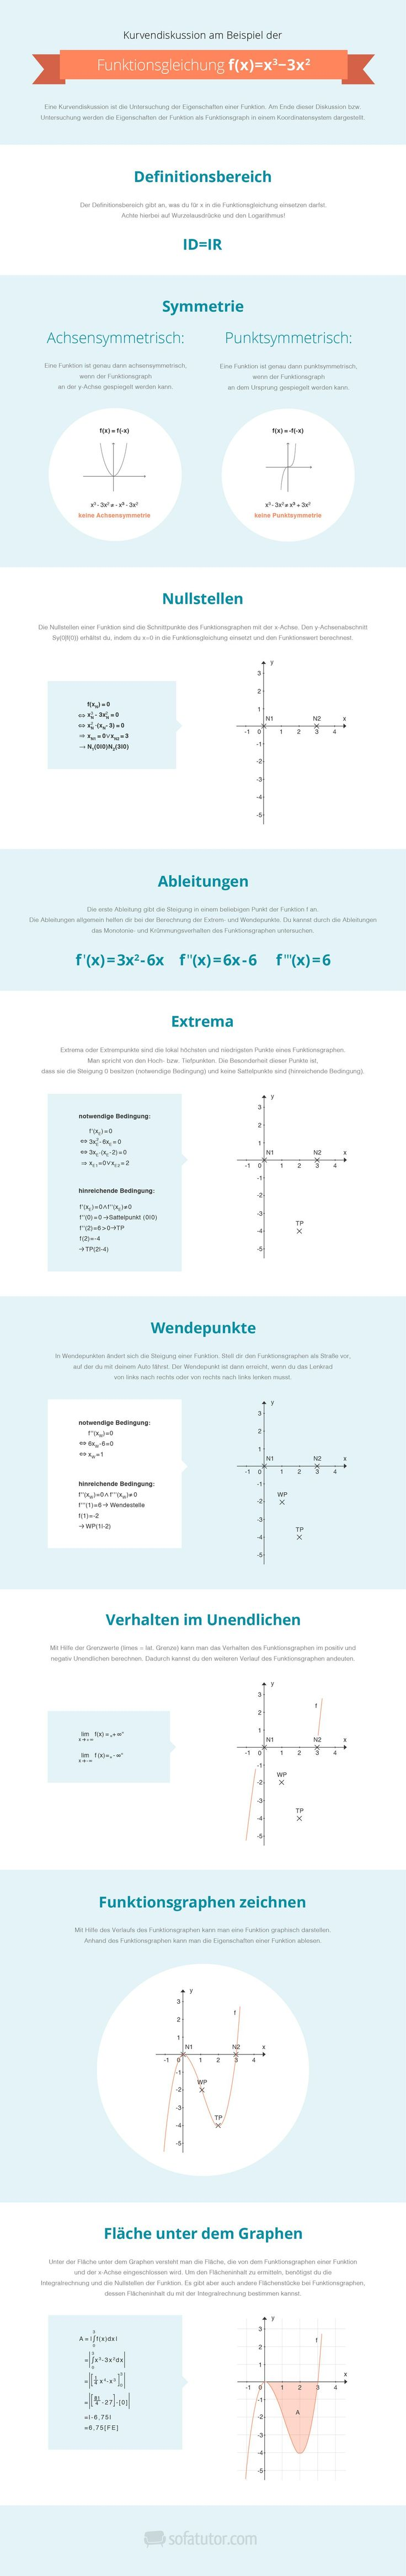 Mathe Abitur 2015: Kurvendiskussion als Infografik zum schnellen Lernen für die Abiprüfung! (http://magazin.sofatutor.com/schueler/) Erfolg im Abitur - Mit ZENTRAL-lernen. Kostenloser Lerntypen-Test